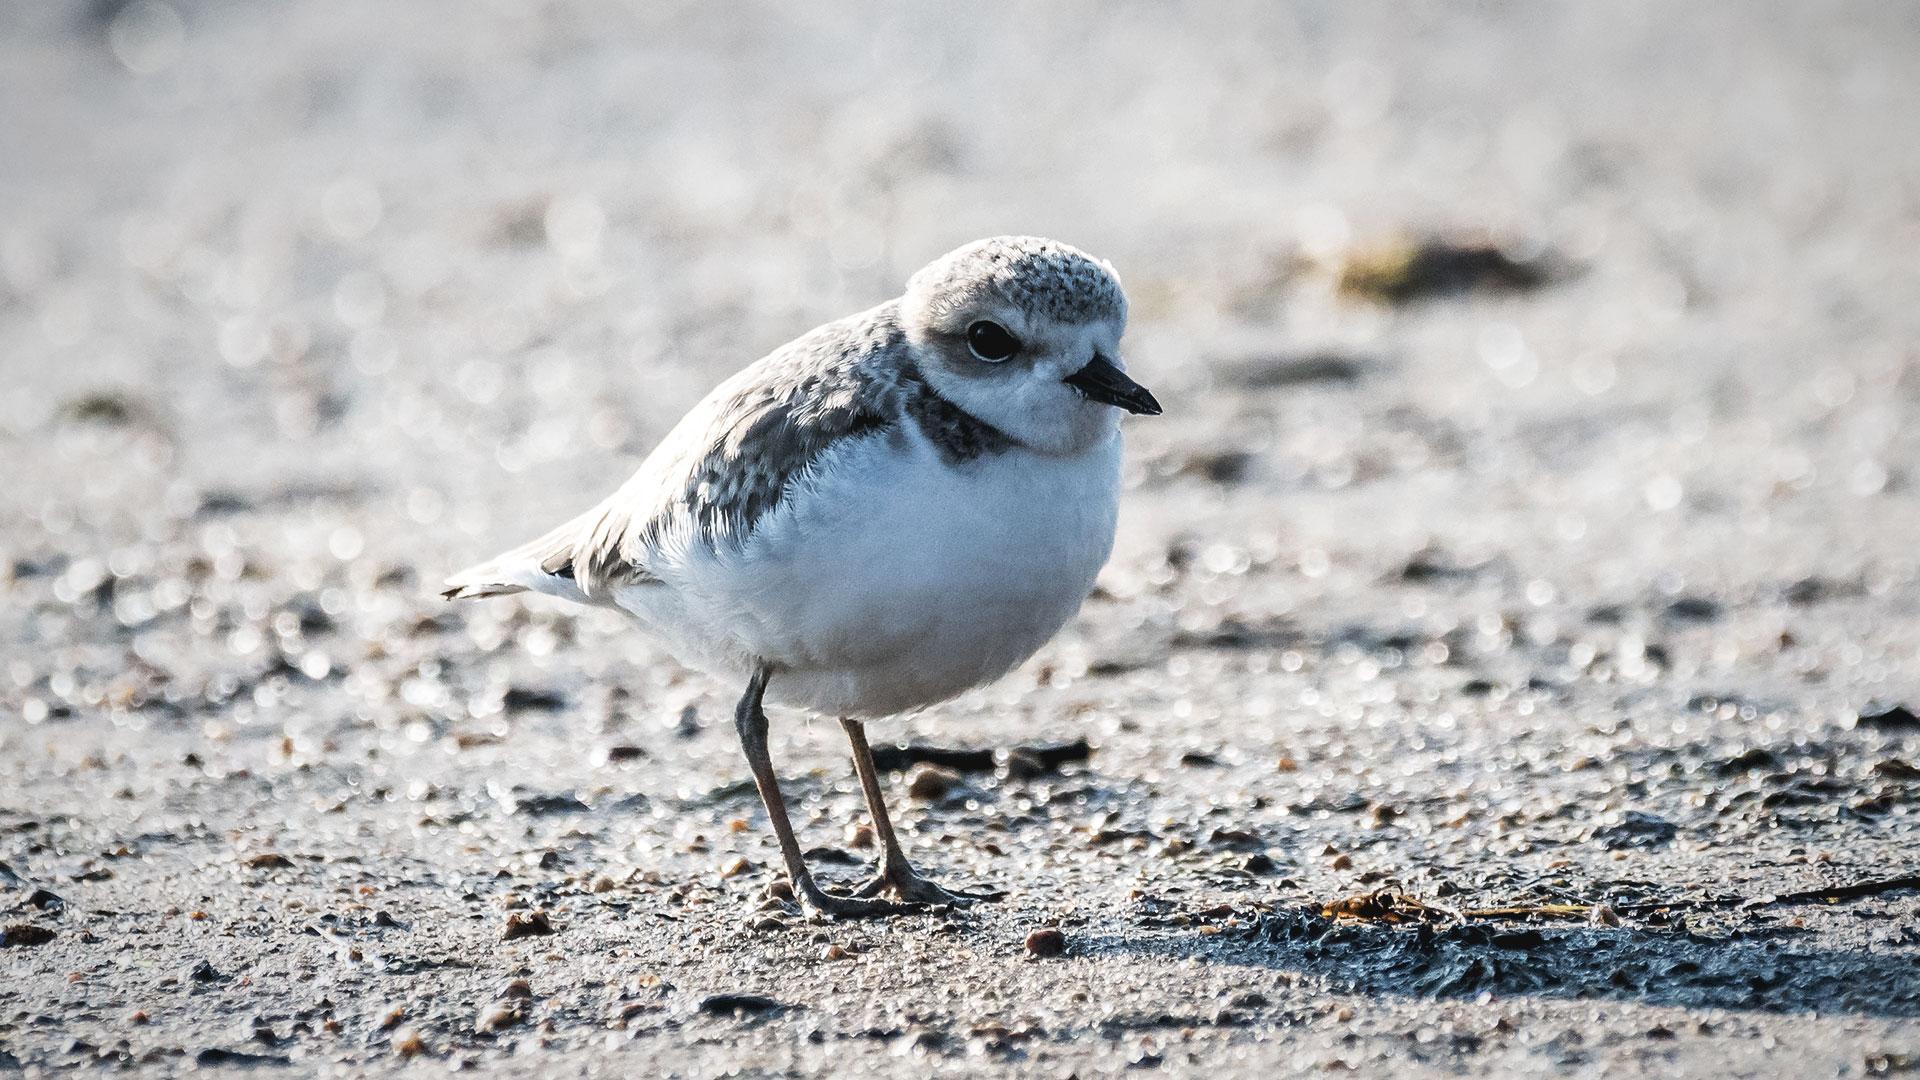 Snowy Plover - Charadrius nivosus